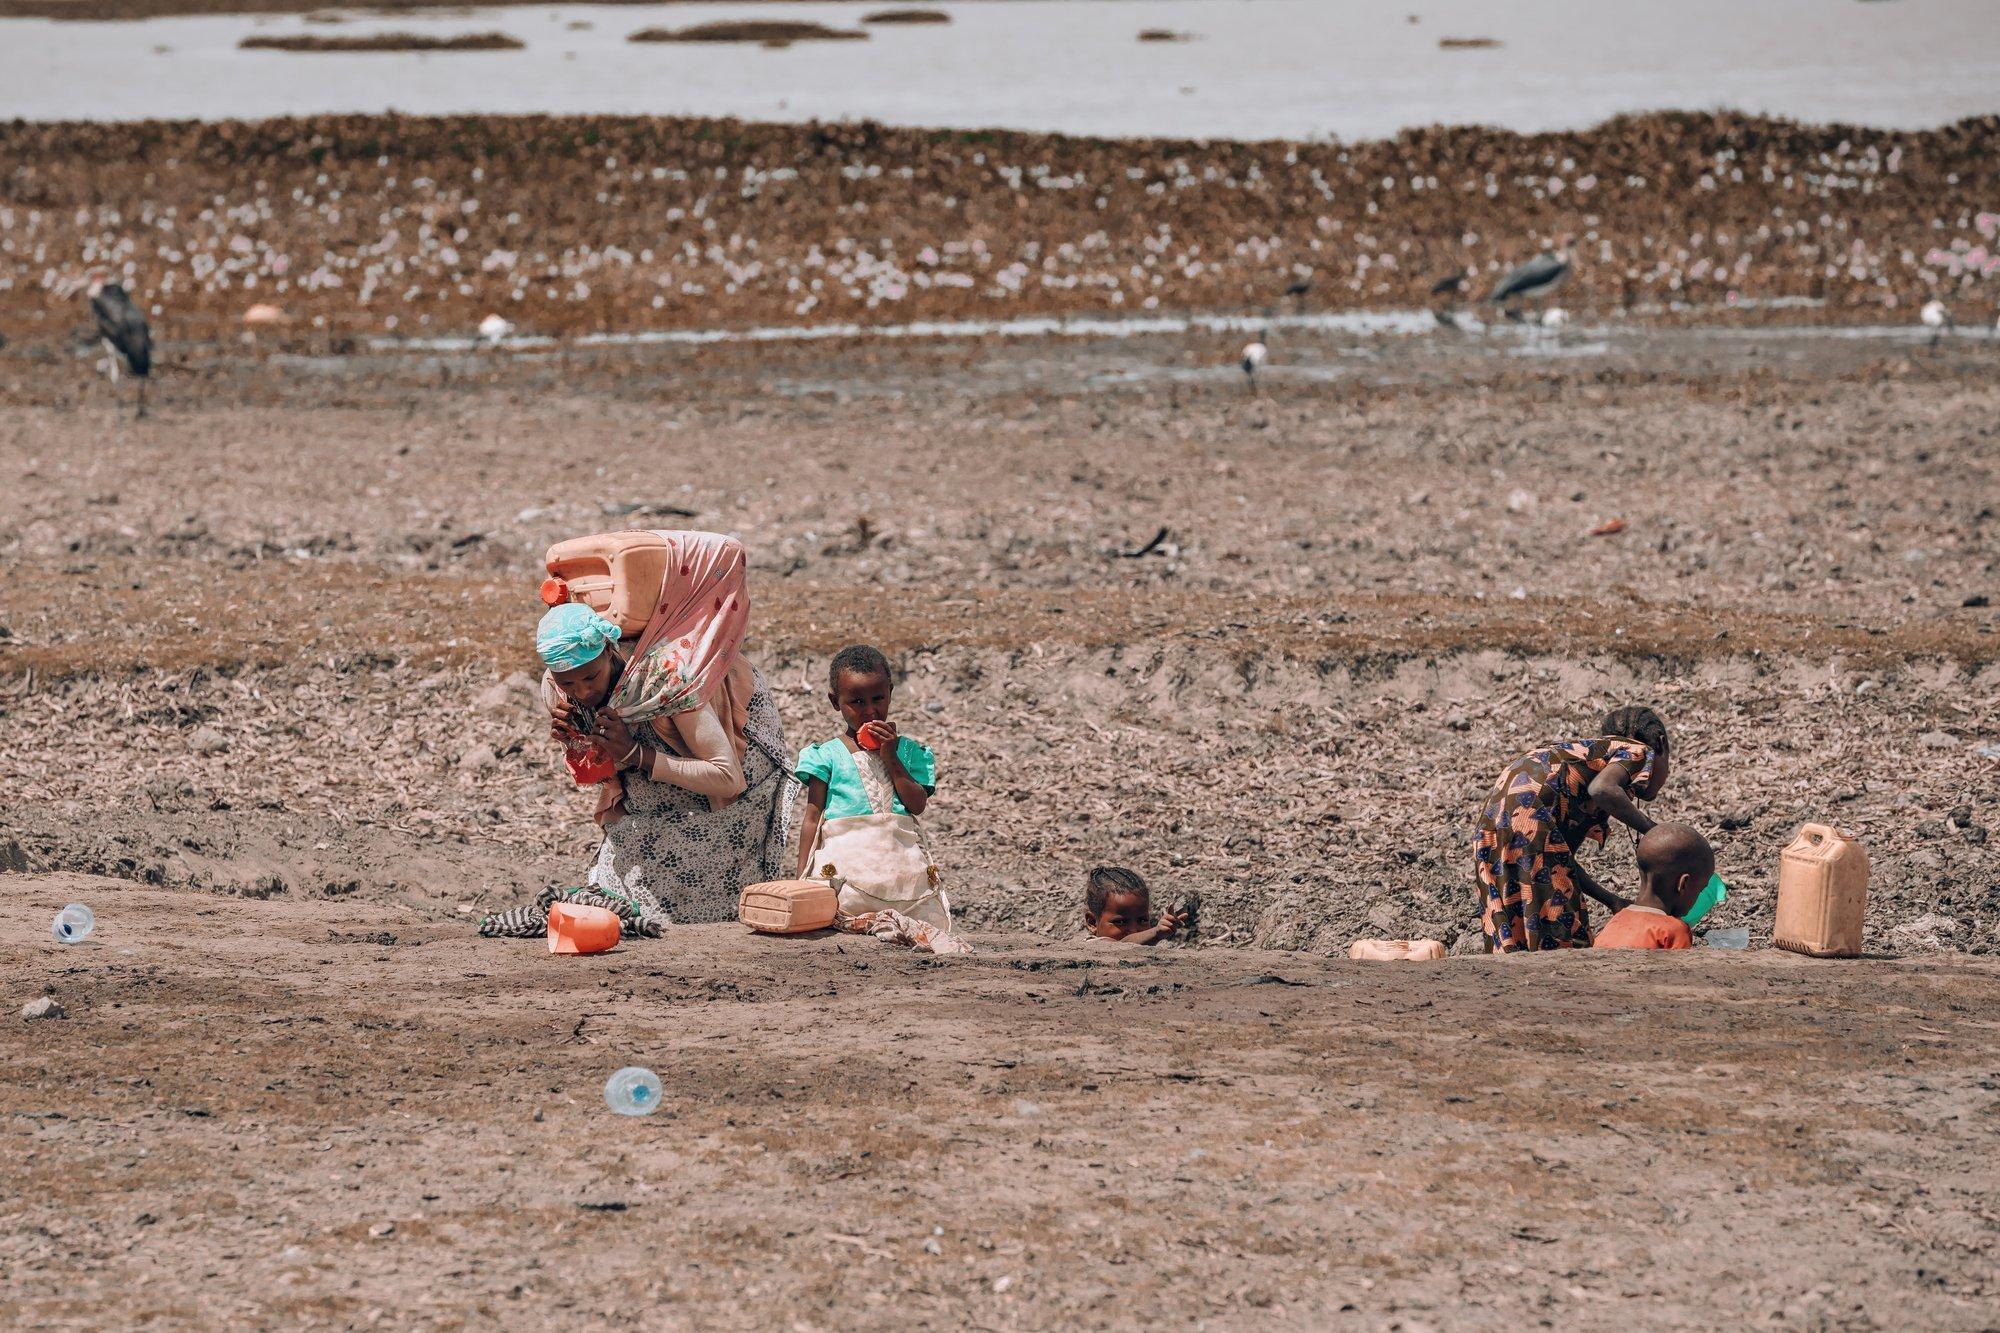 Eine Frau holt in Äthiopien mit ihren Kindern Wasser aus einem schlammigen Loch.